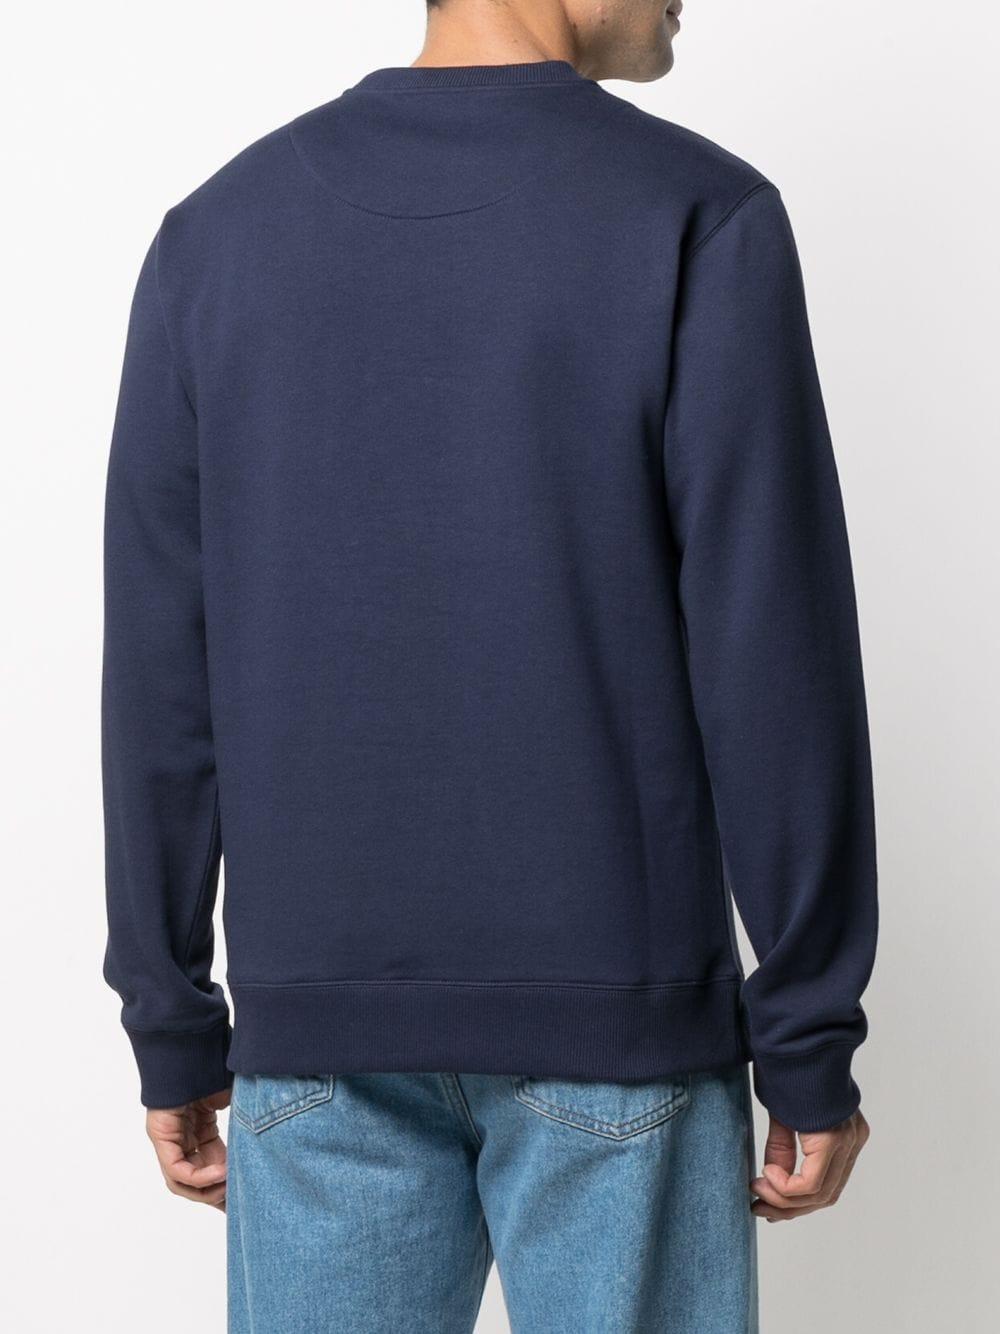 EMBROIDERED SWEATSHIRT KENZO   Sweatshirts   FB55SW1174XF76